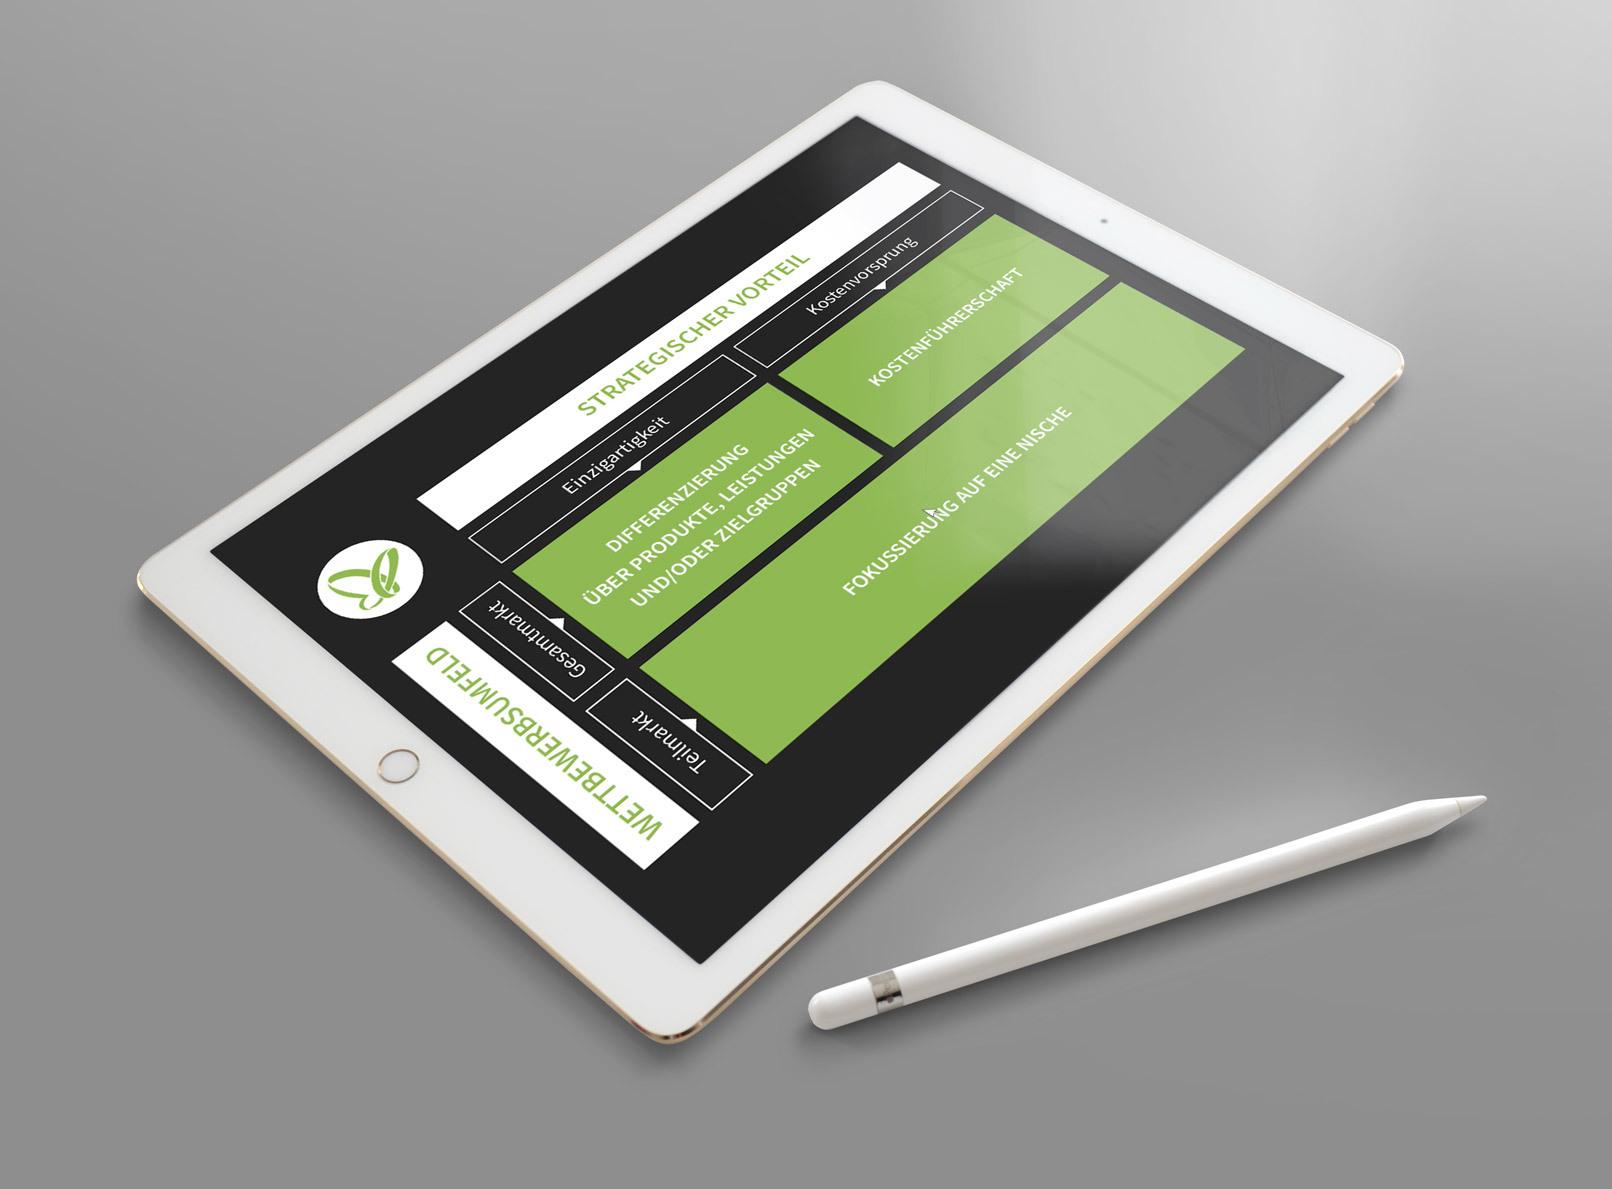 Positionierung von Unternehmen und Markenaufbau: Screenshot aus dem Kurs auf einem Tablet